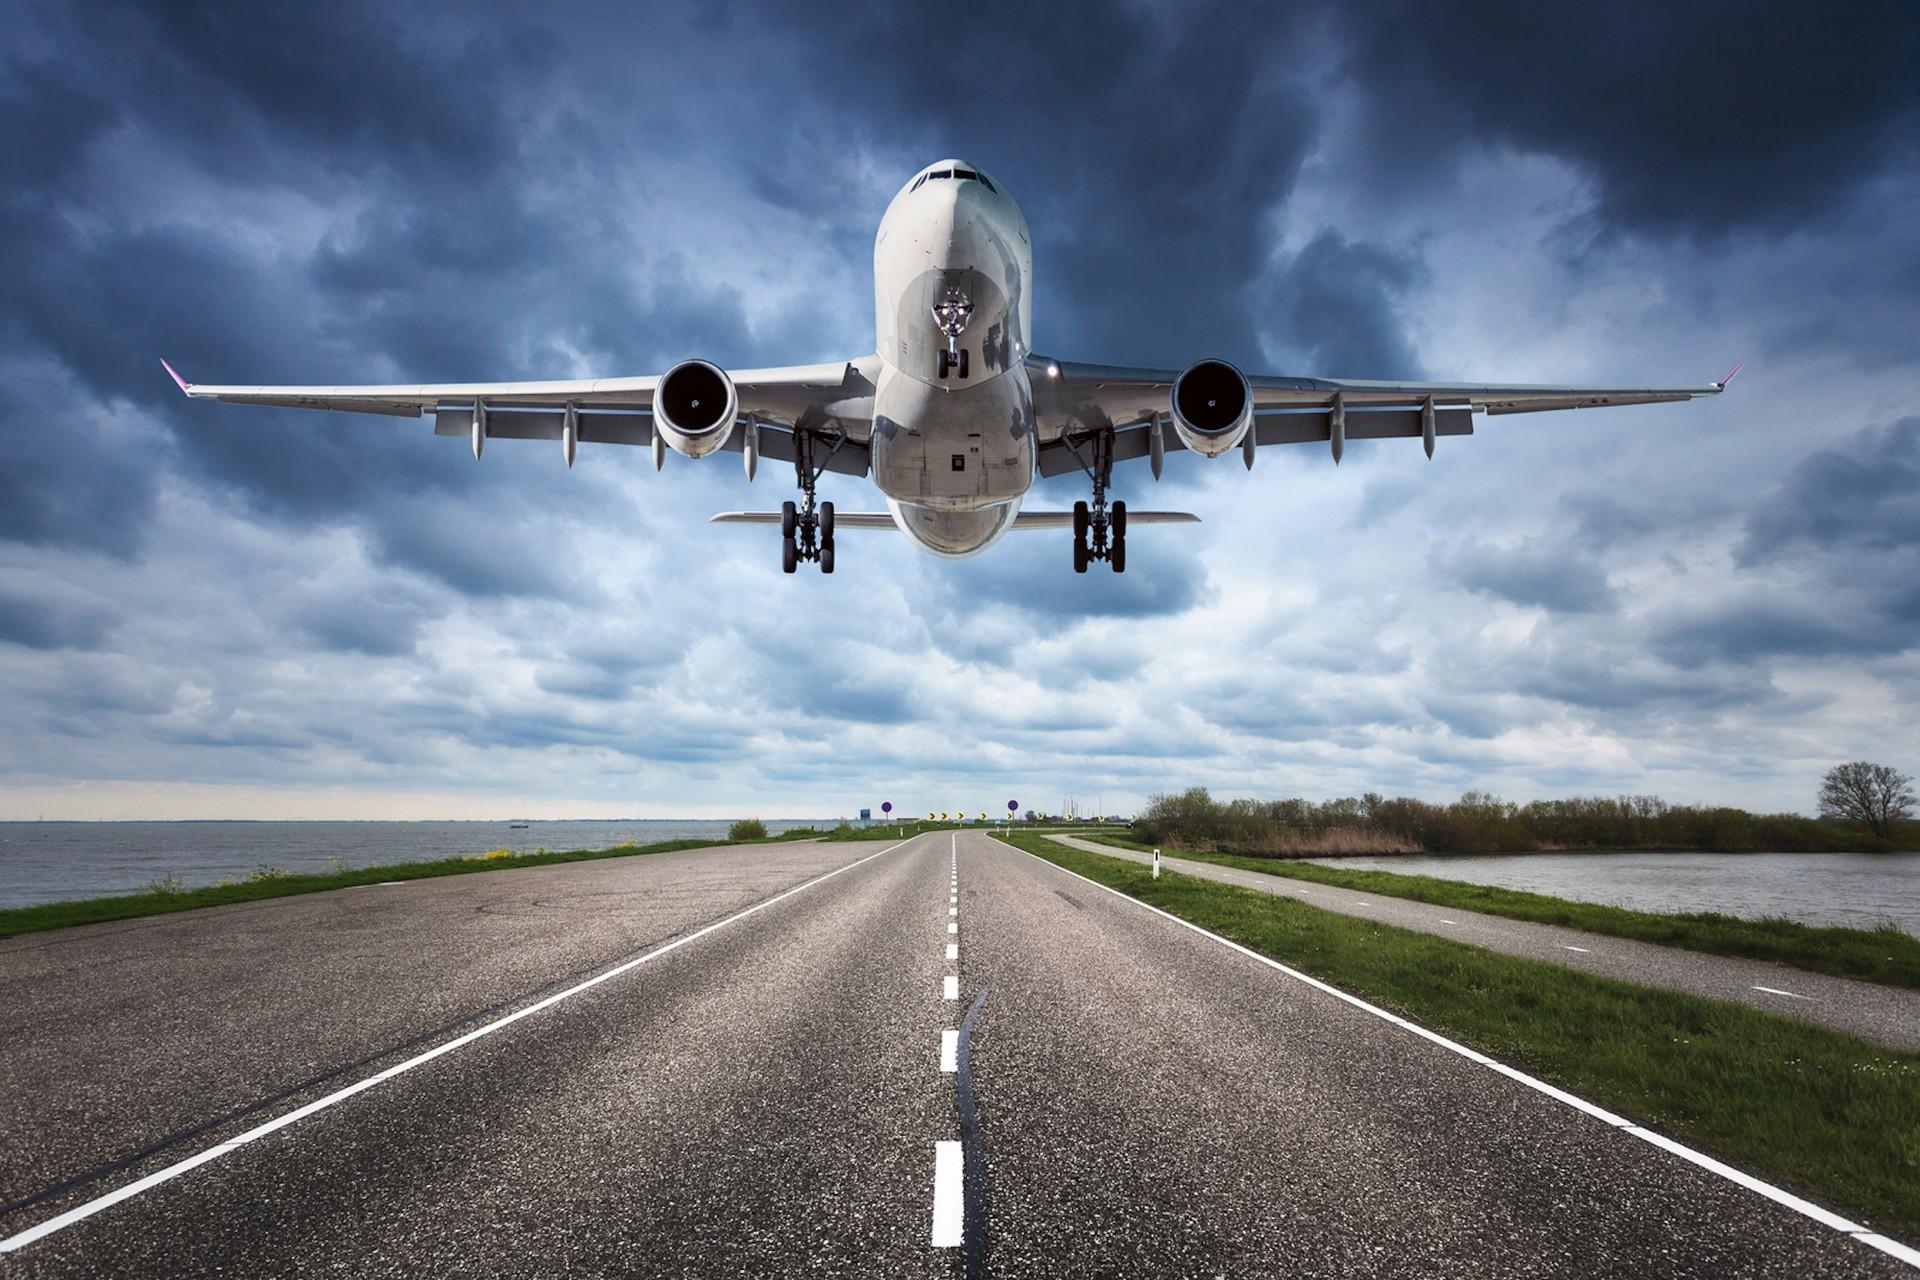 ИЗБЕГНАТА АВИОНСКА ТРАГЕДИЈА ВО СЛОВЕНИЈА: Авион со туристи успешно се вратил на аеродромот откако удрил во птица